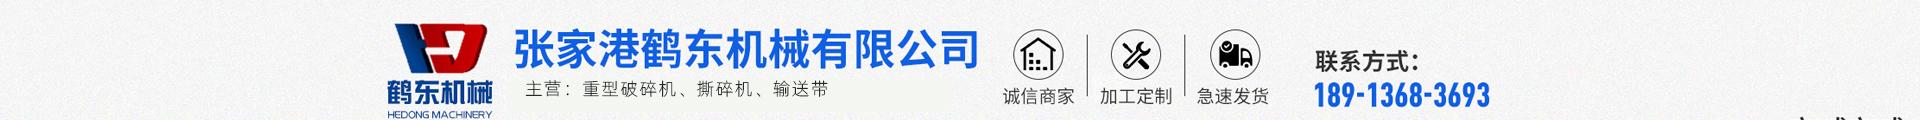 张家港鹤东机械有限公司